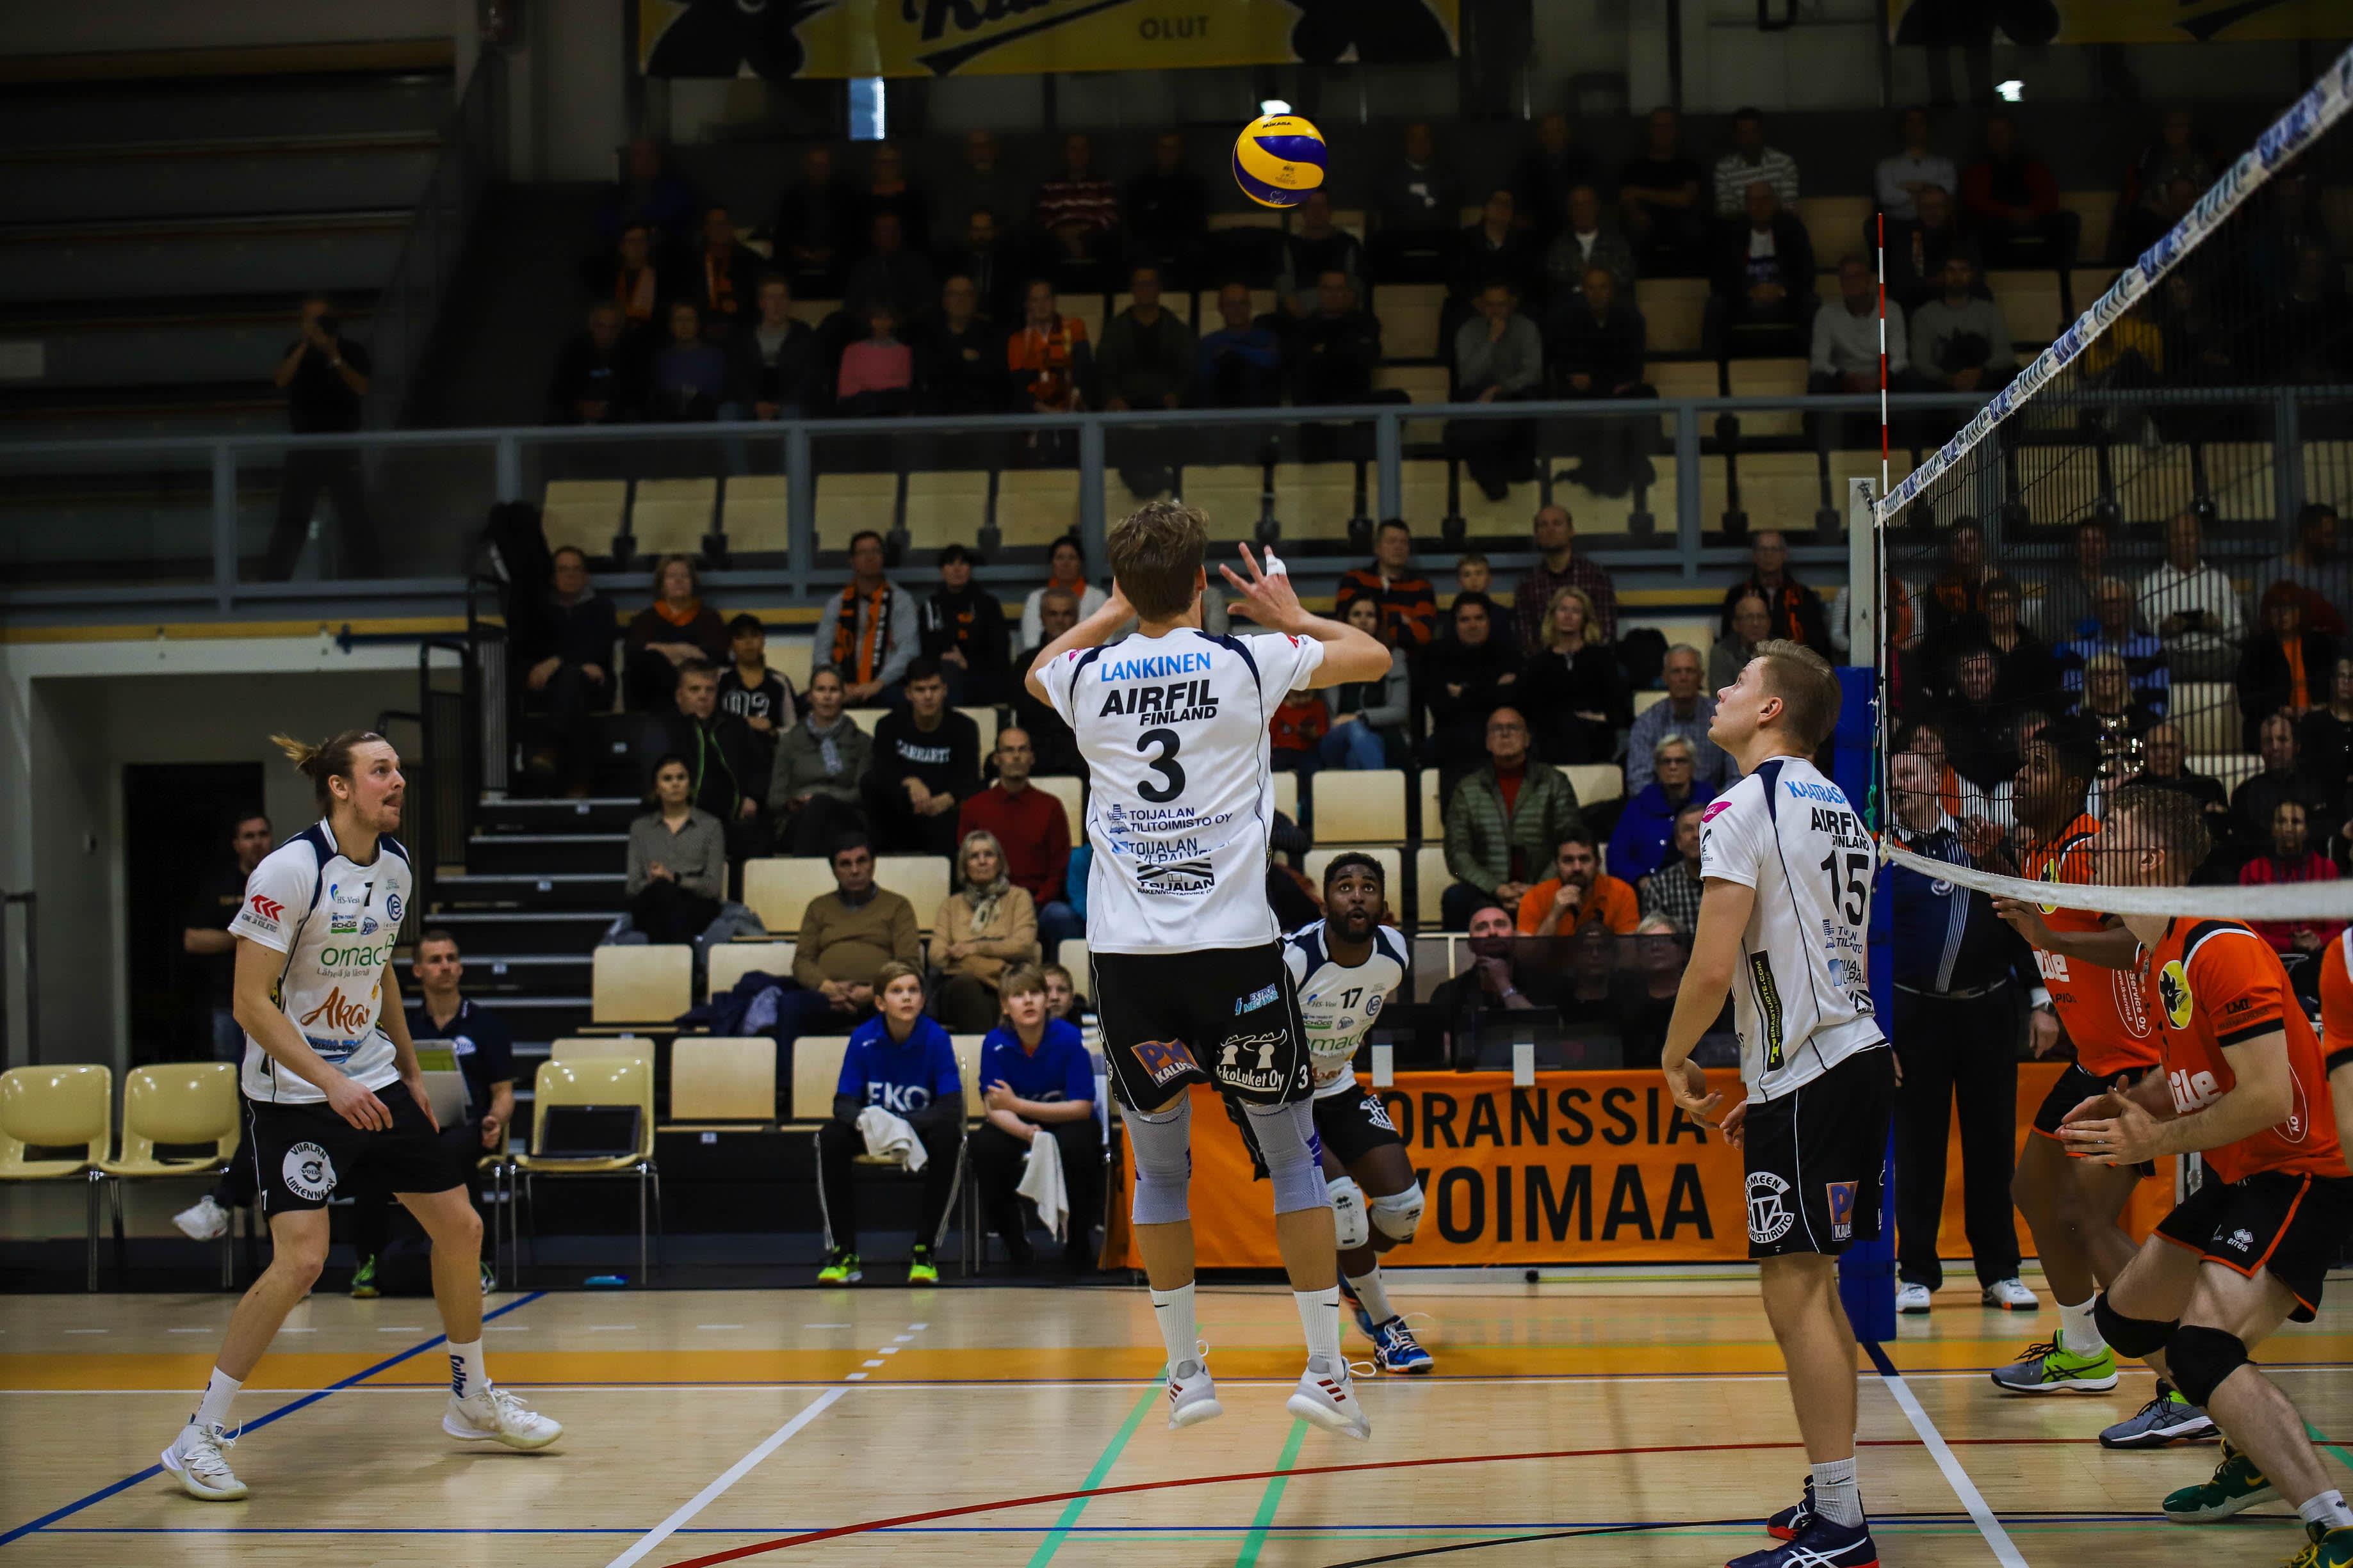 Akaa-Volleyn passarllai Akseli Lankisella riittää hyökkäyvaihtoehtoja.